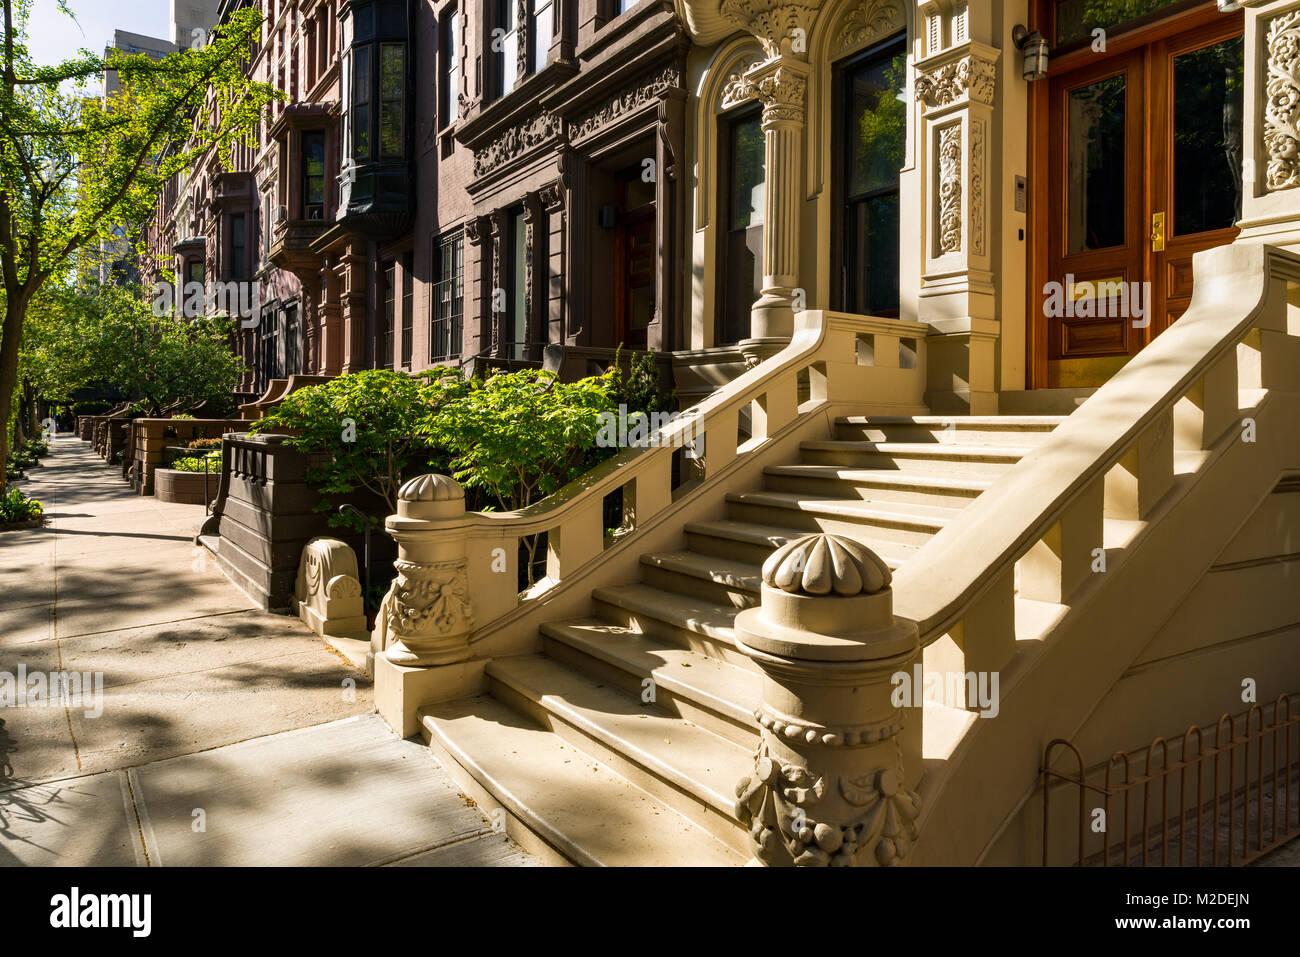 Grès avec portes et de l'ornement dans la lumière du matin. Upper West Side Street, Manhattan, New Photo Stock